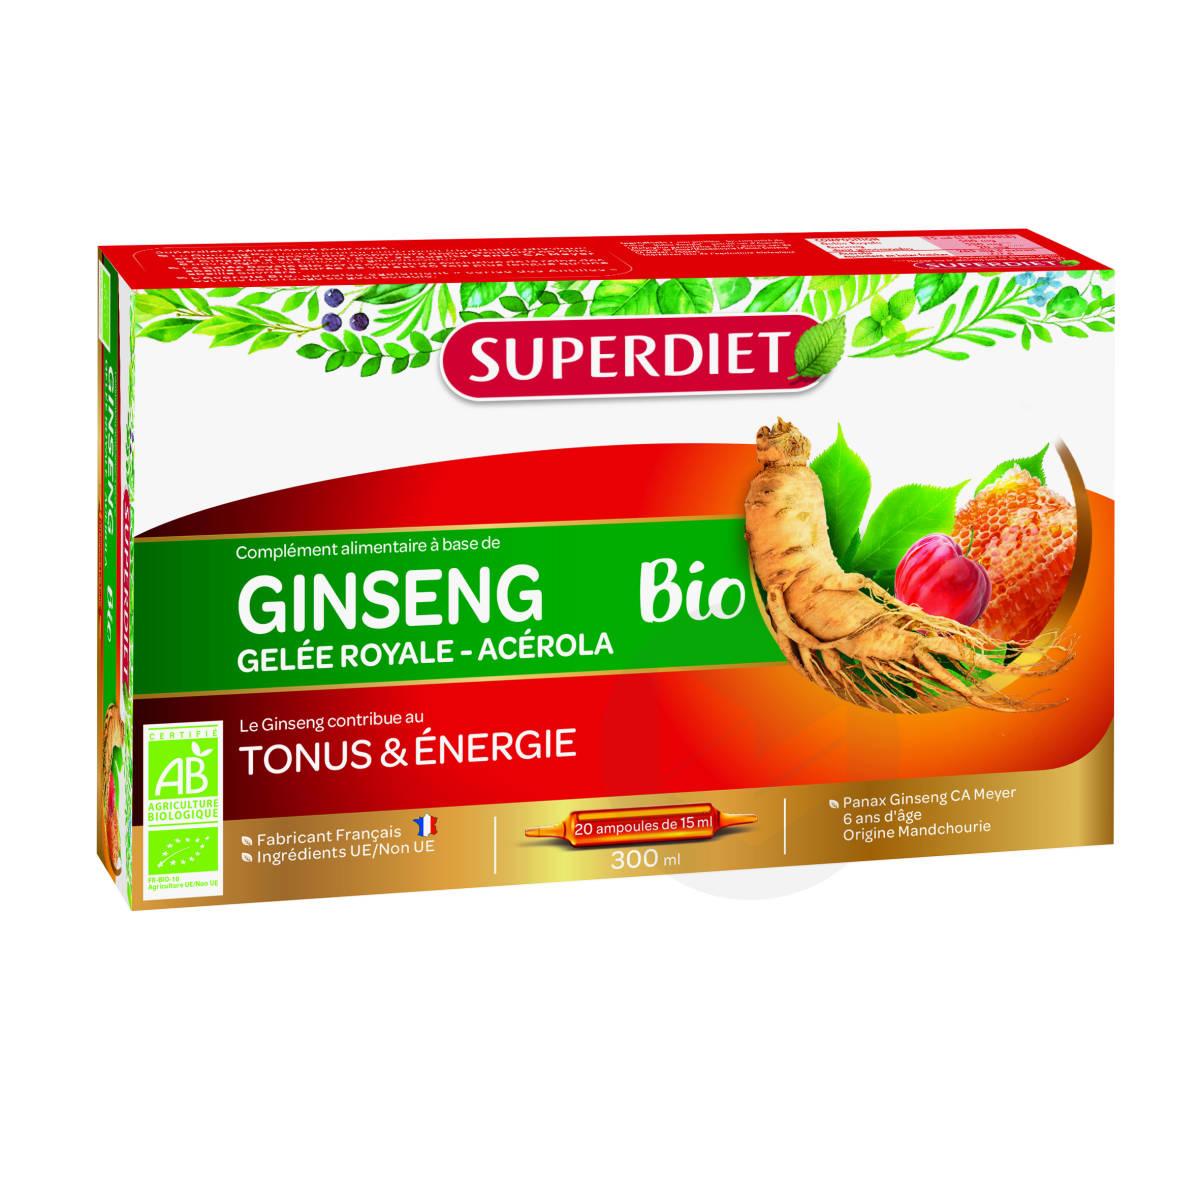 Ginseng Gelée Royale Acerola Bio 20 Ampoules De 15ml